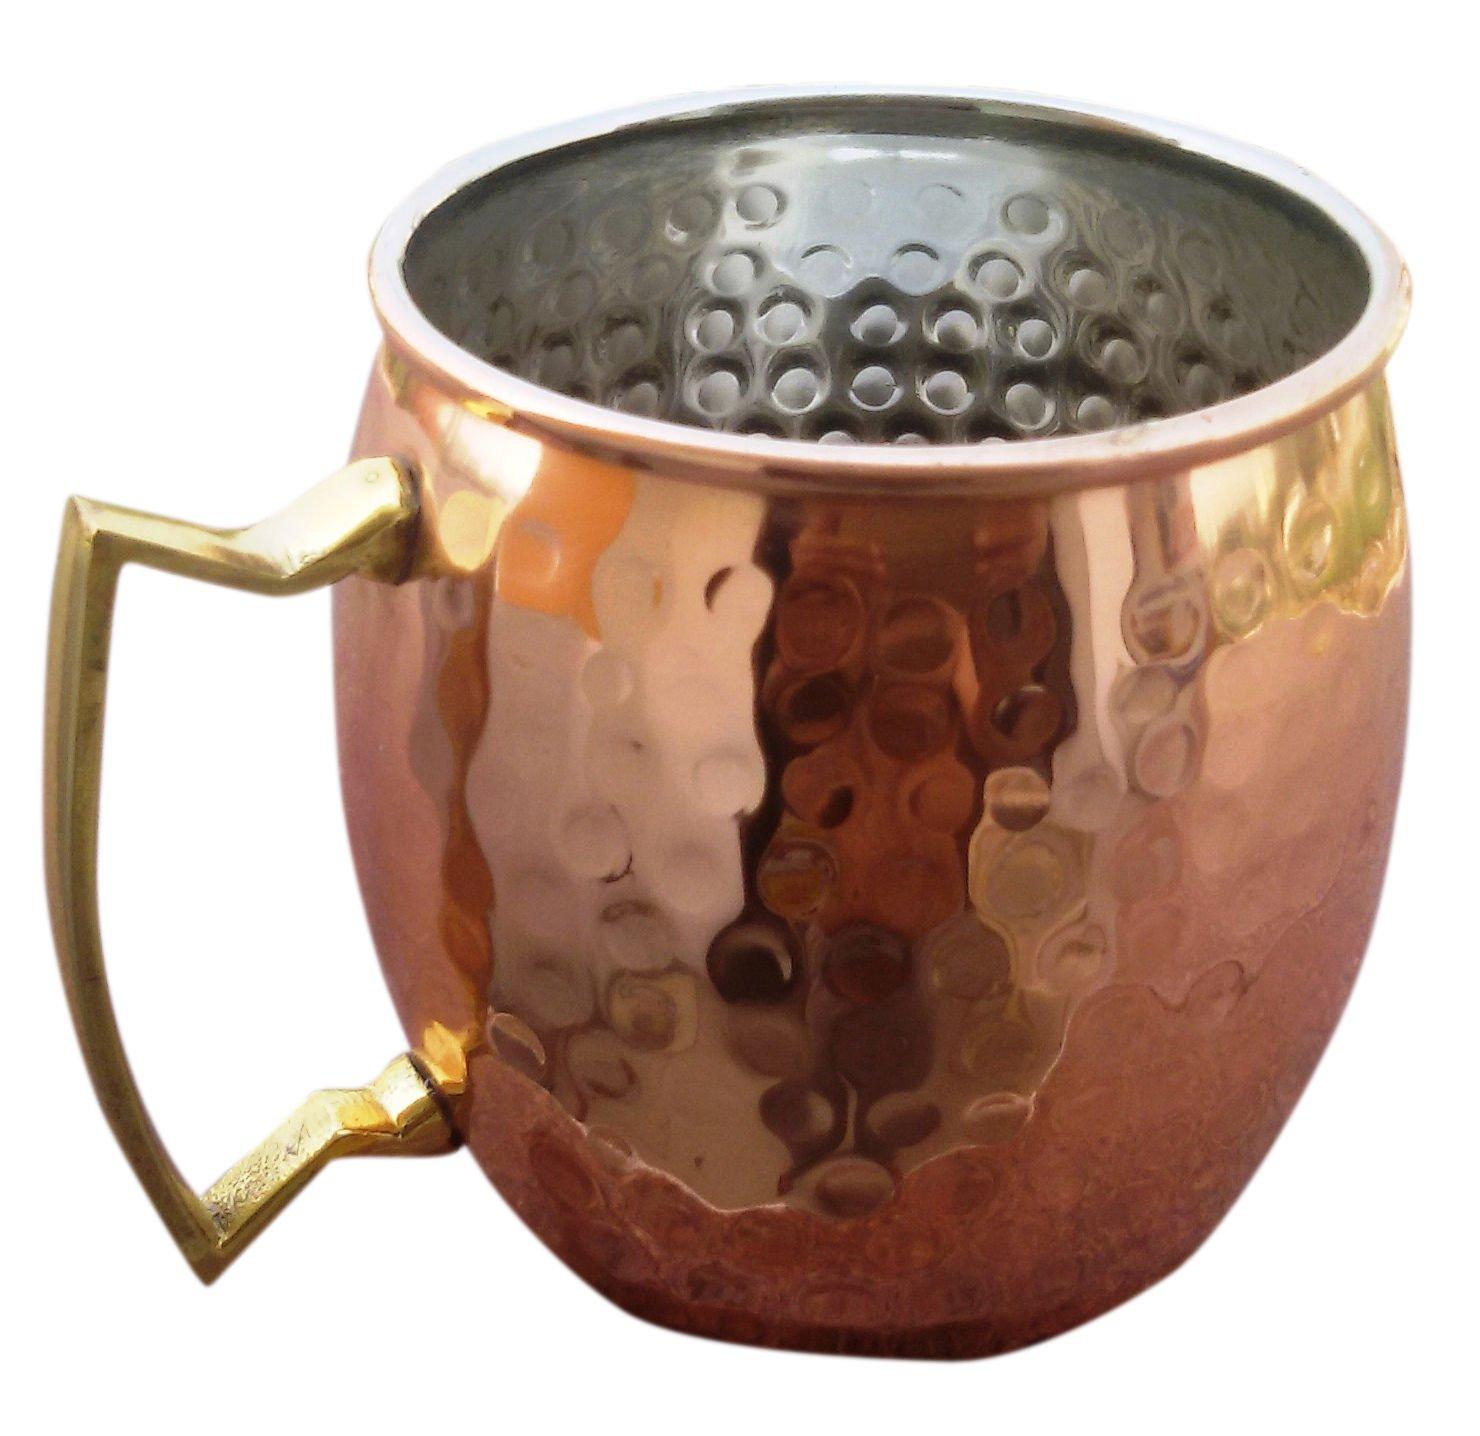 BonBon Luxury Moscow Mule Copper/Nickel Mug Cup 4 pack New (Copper) moscow Mule copper mug Moscow Mule Mug 4